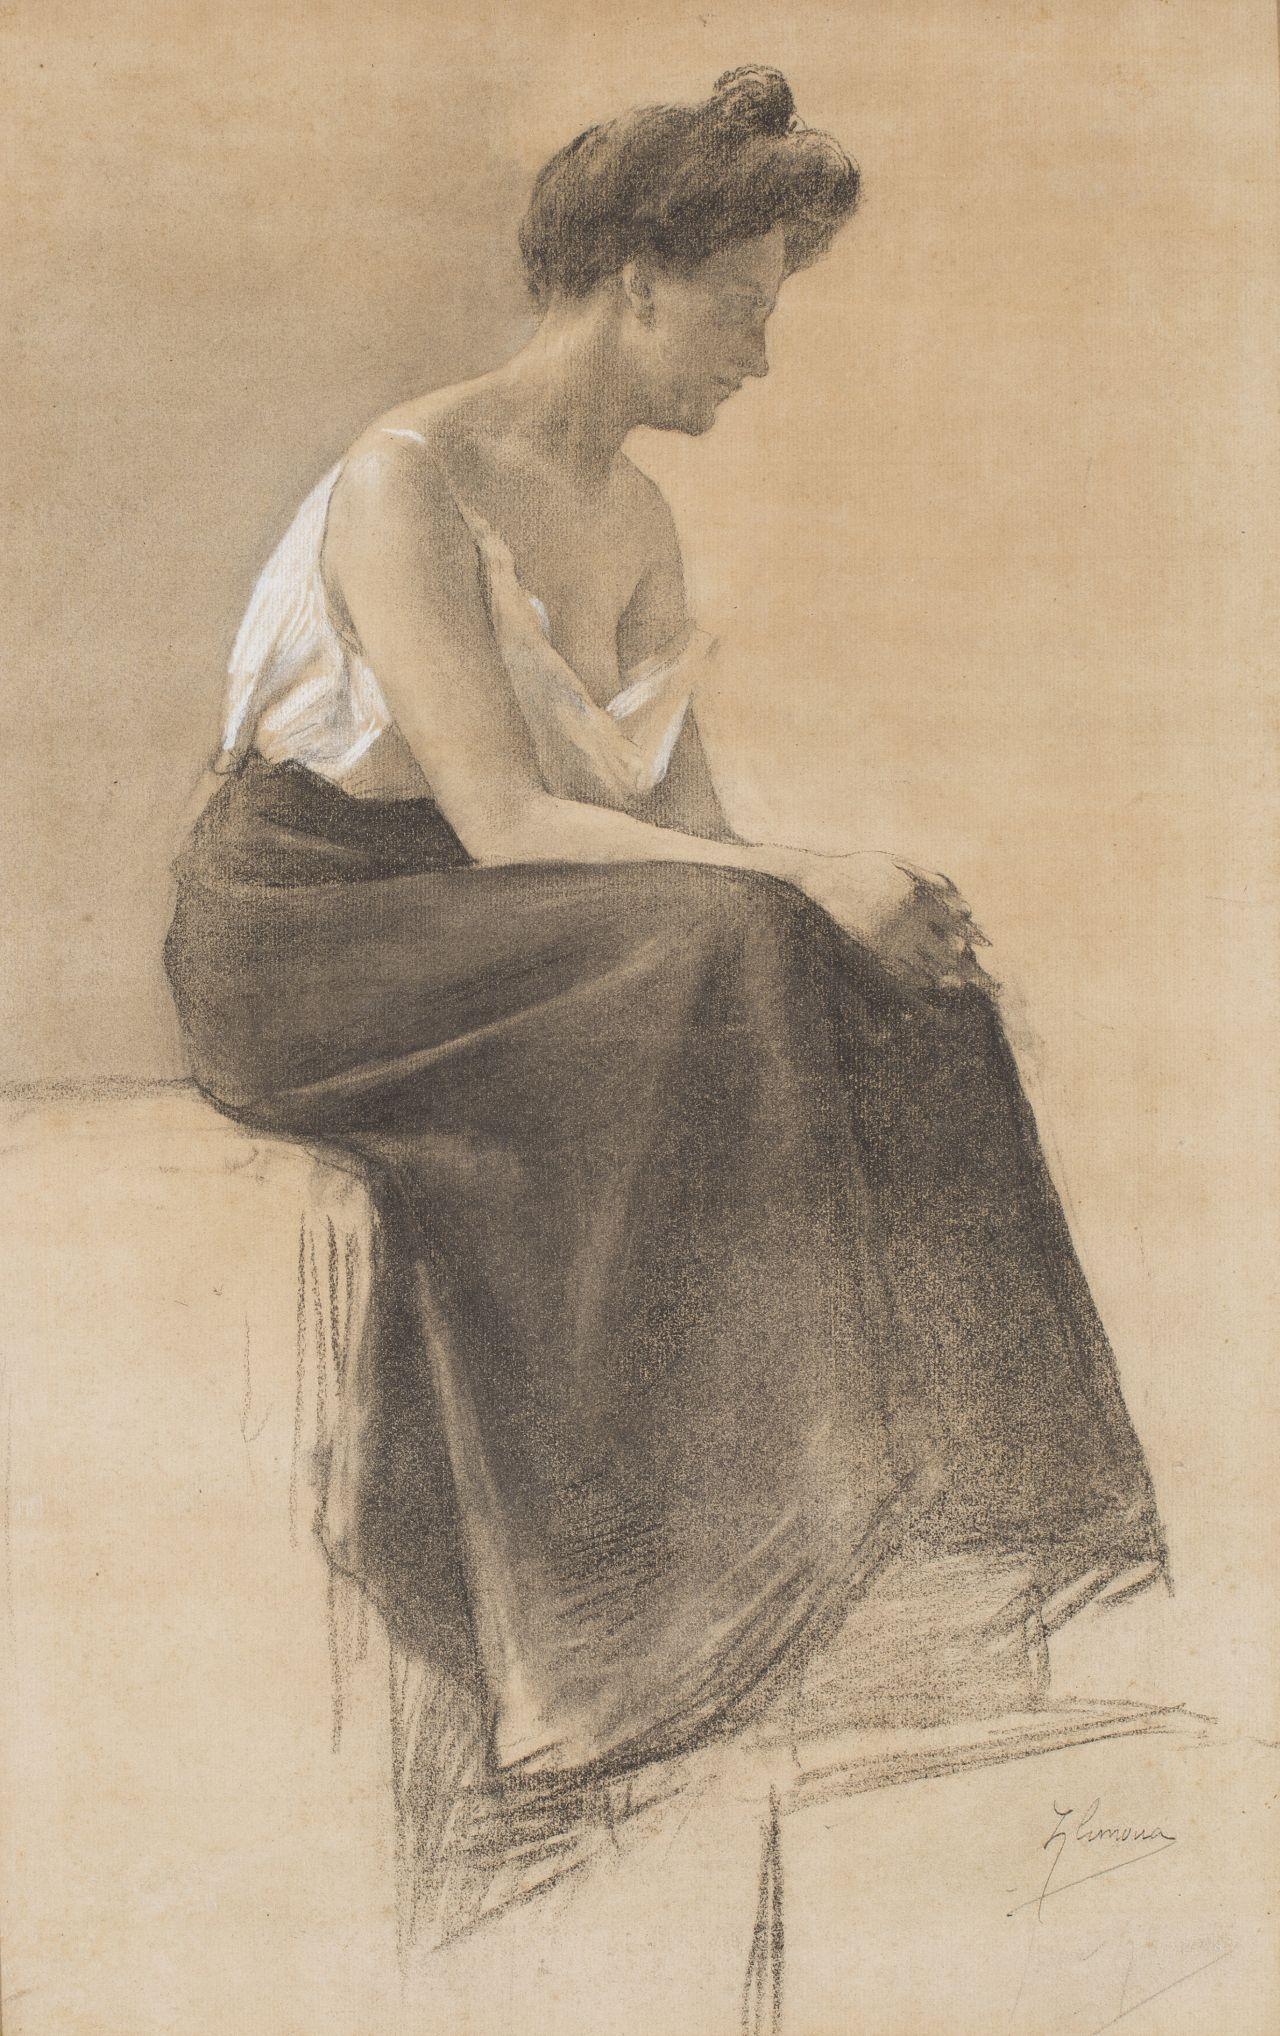 La modelo, Josep Llimona